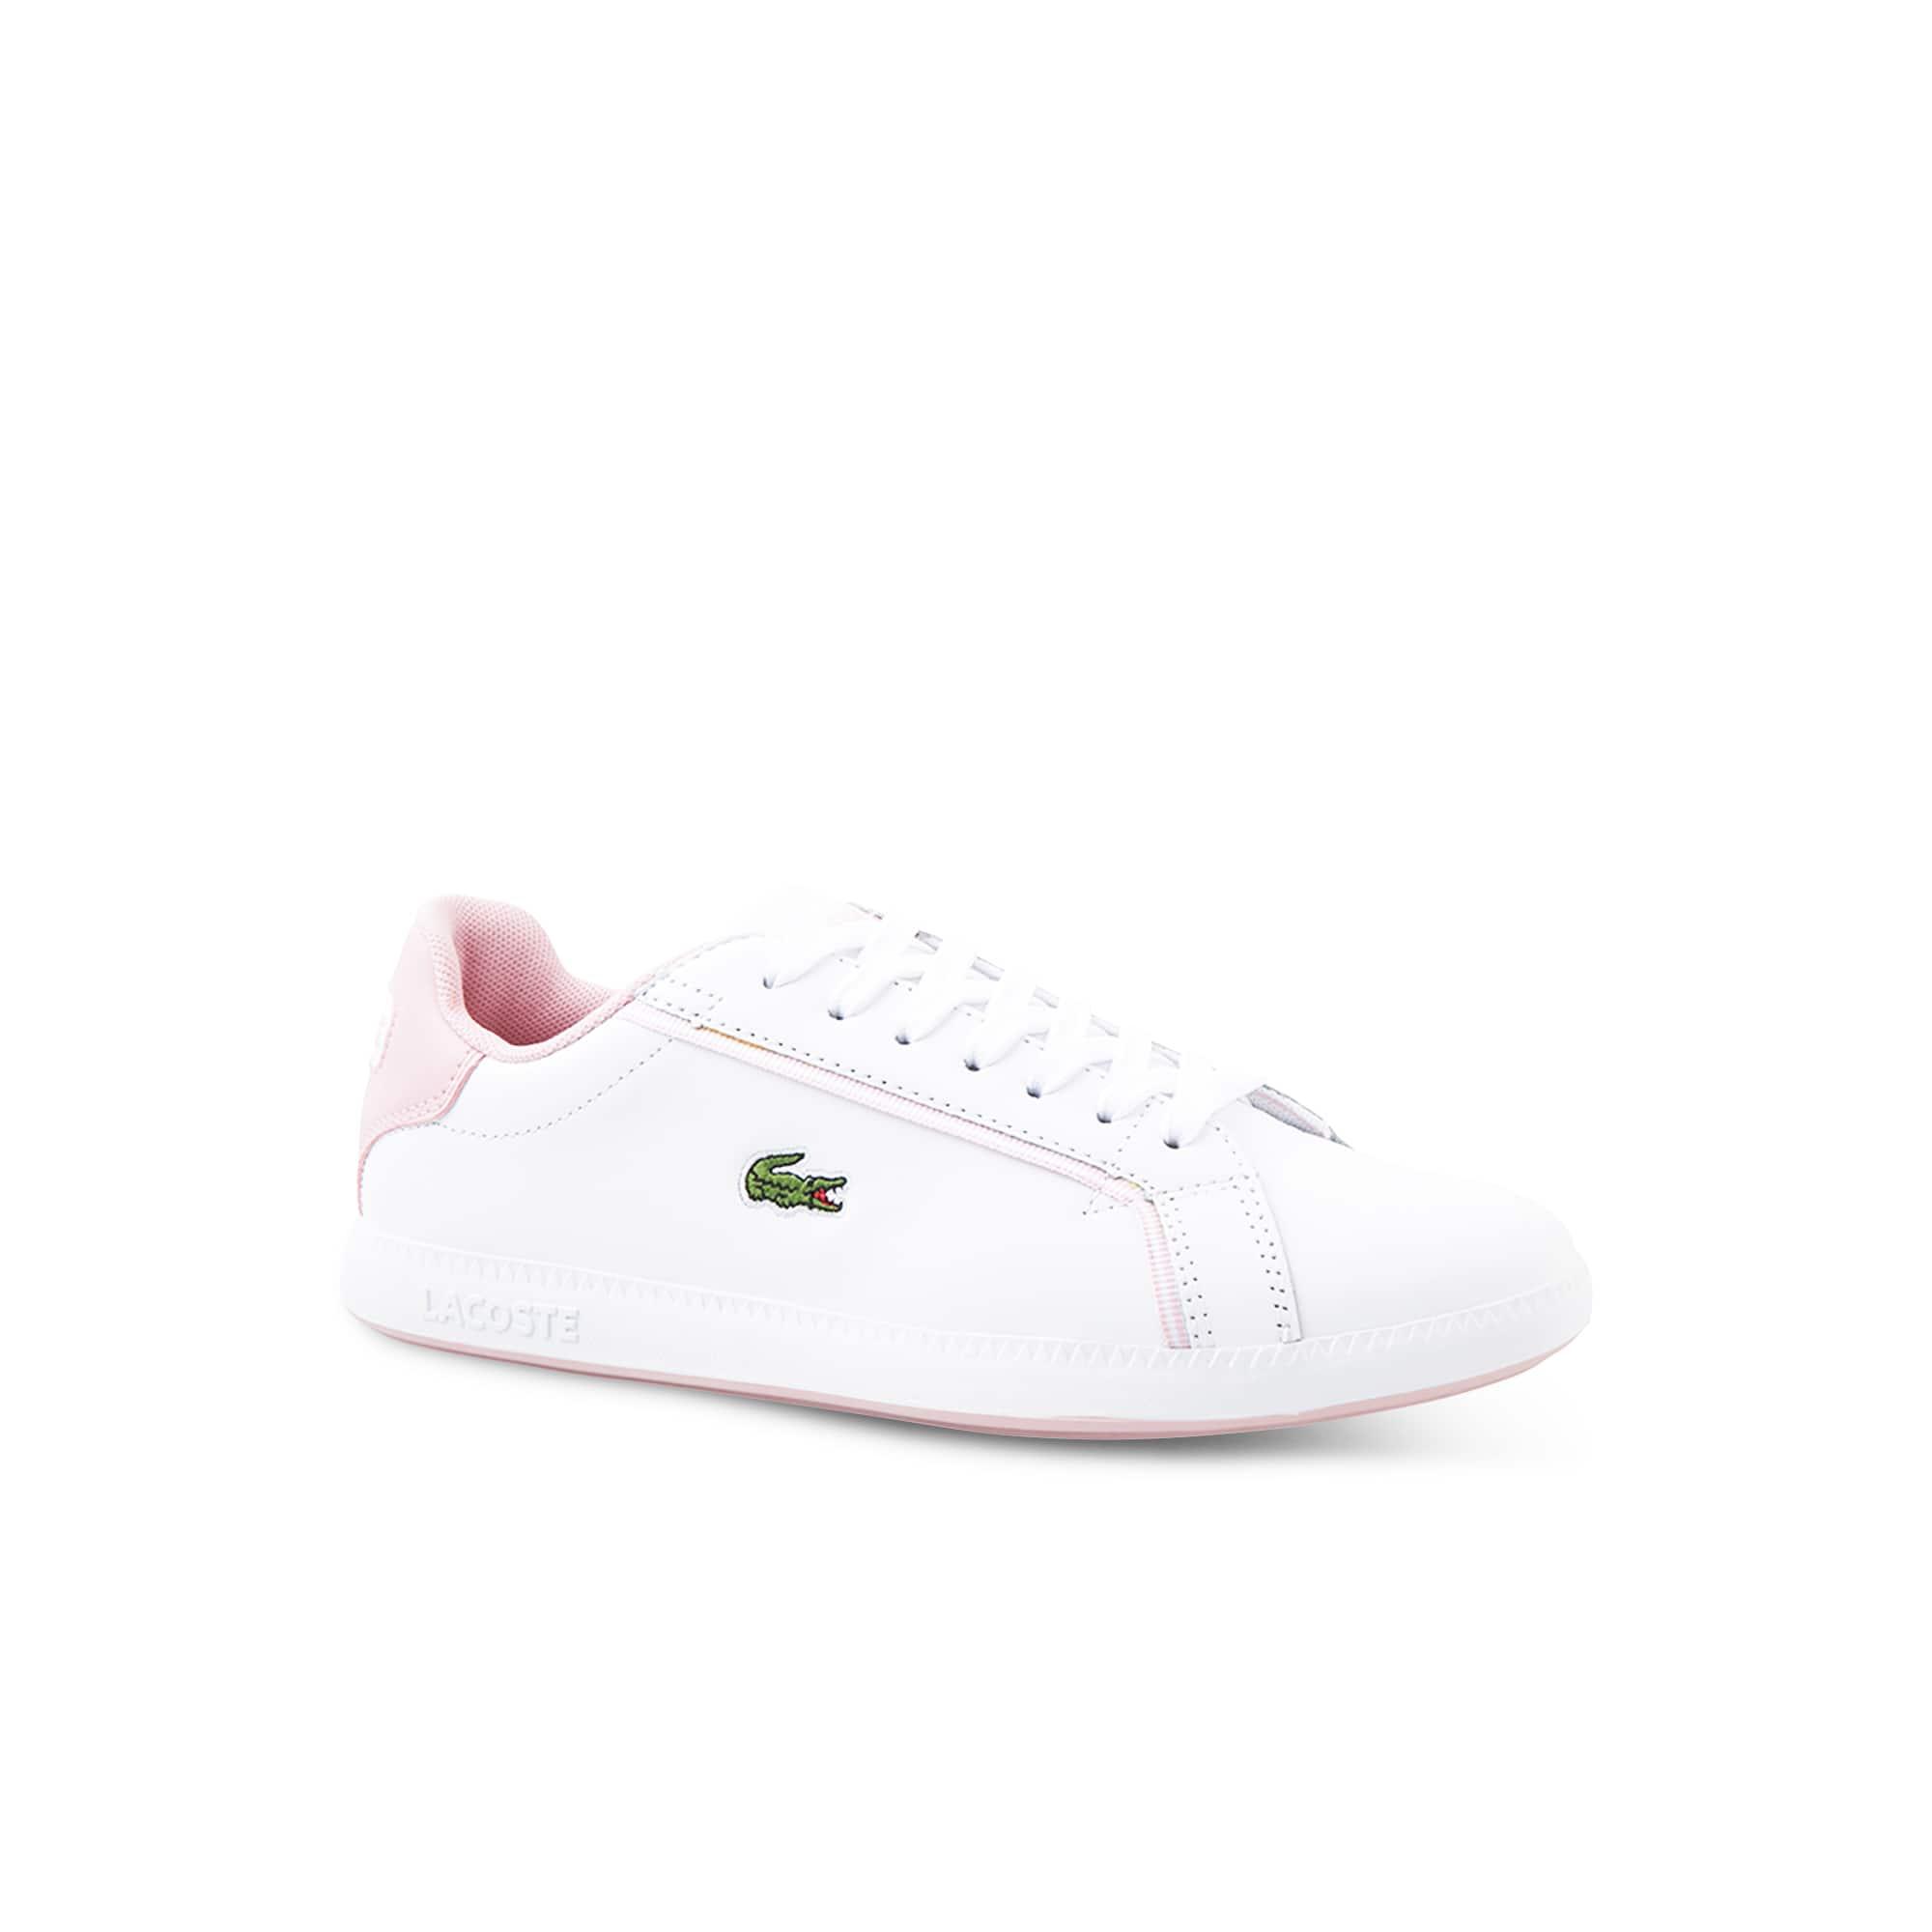 2ec235e334 Chaussures femme | Collection Femme | LACOSTE